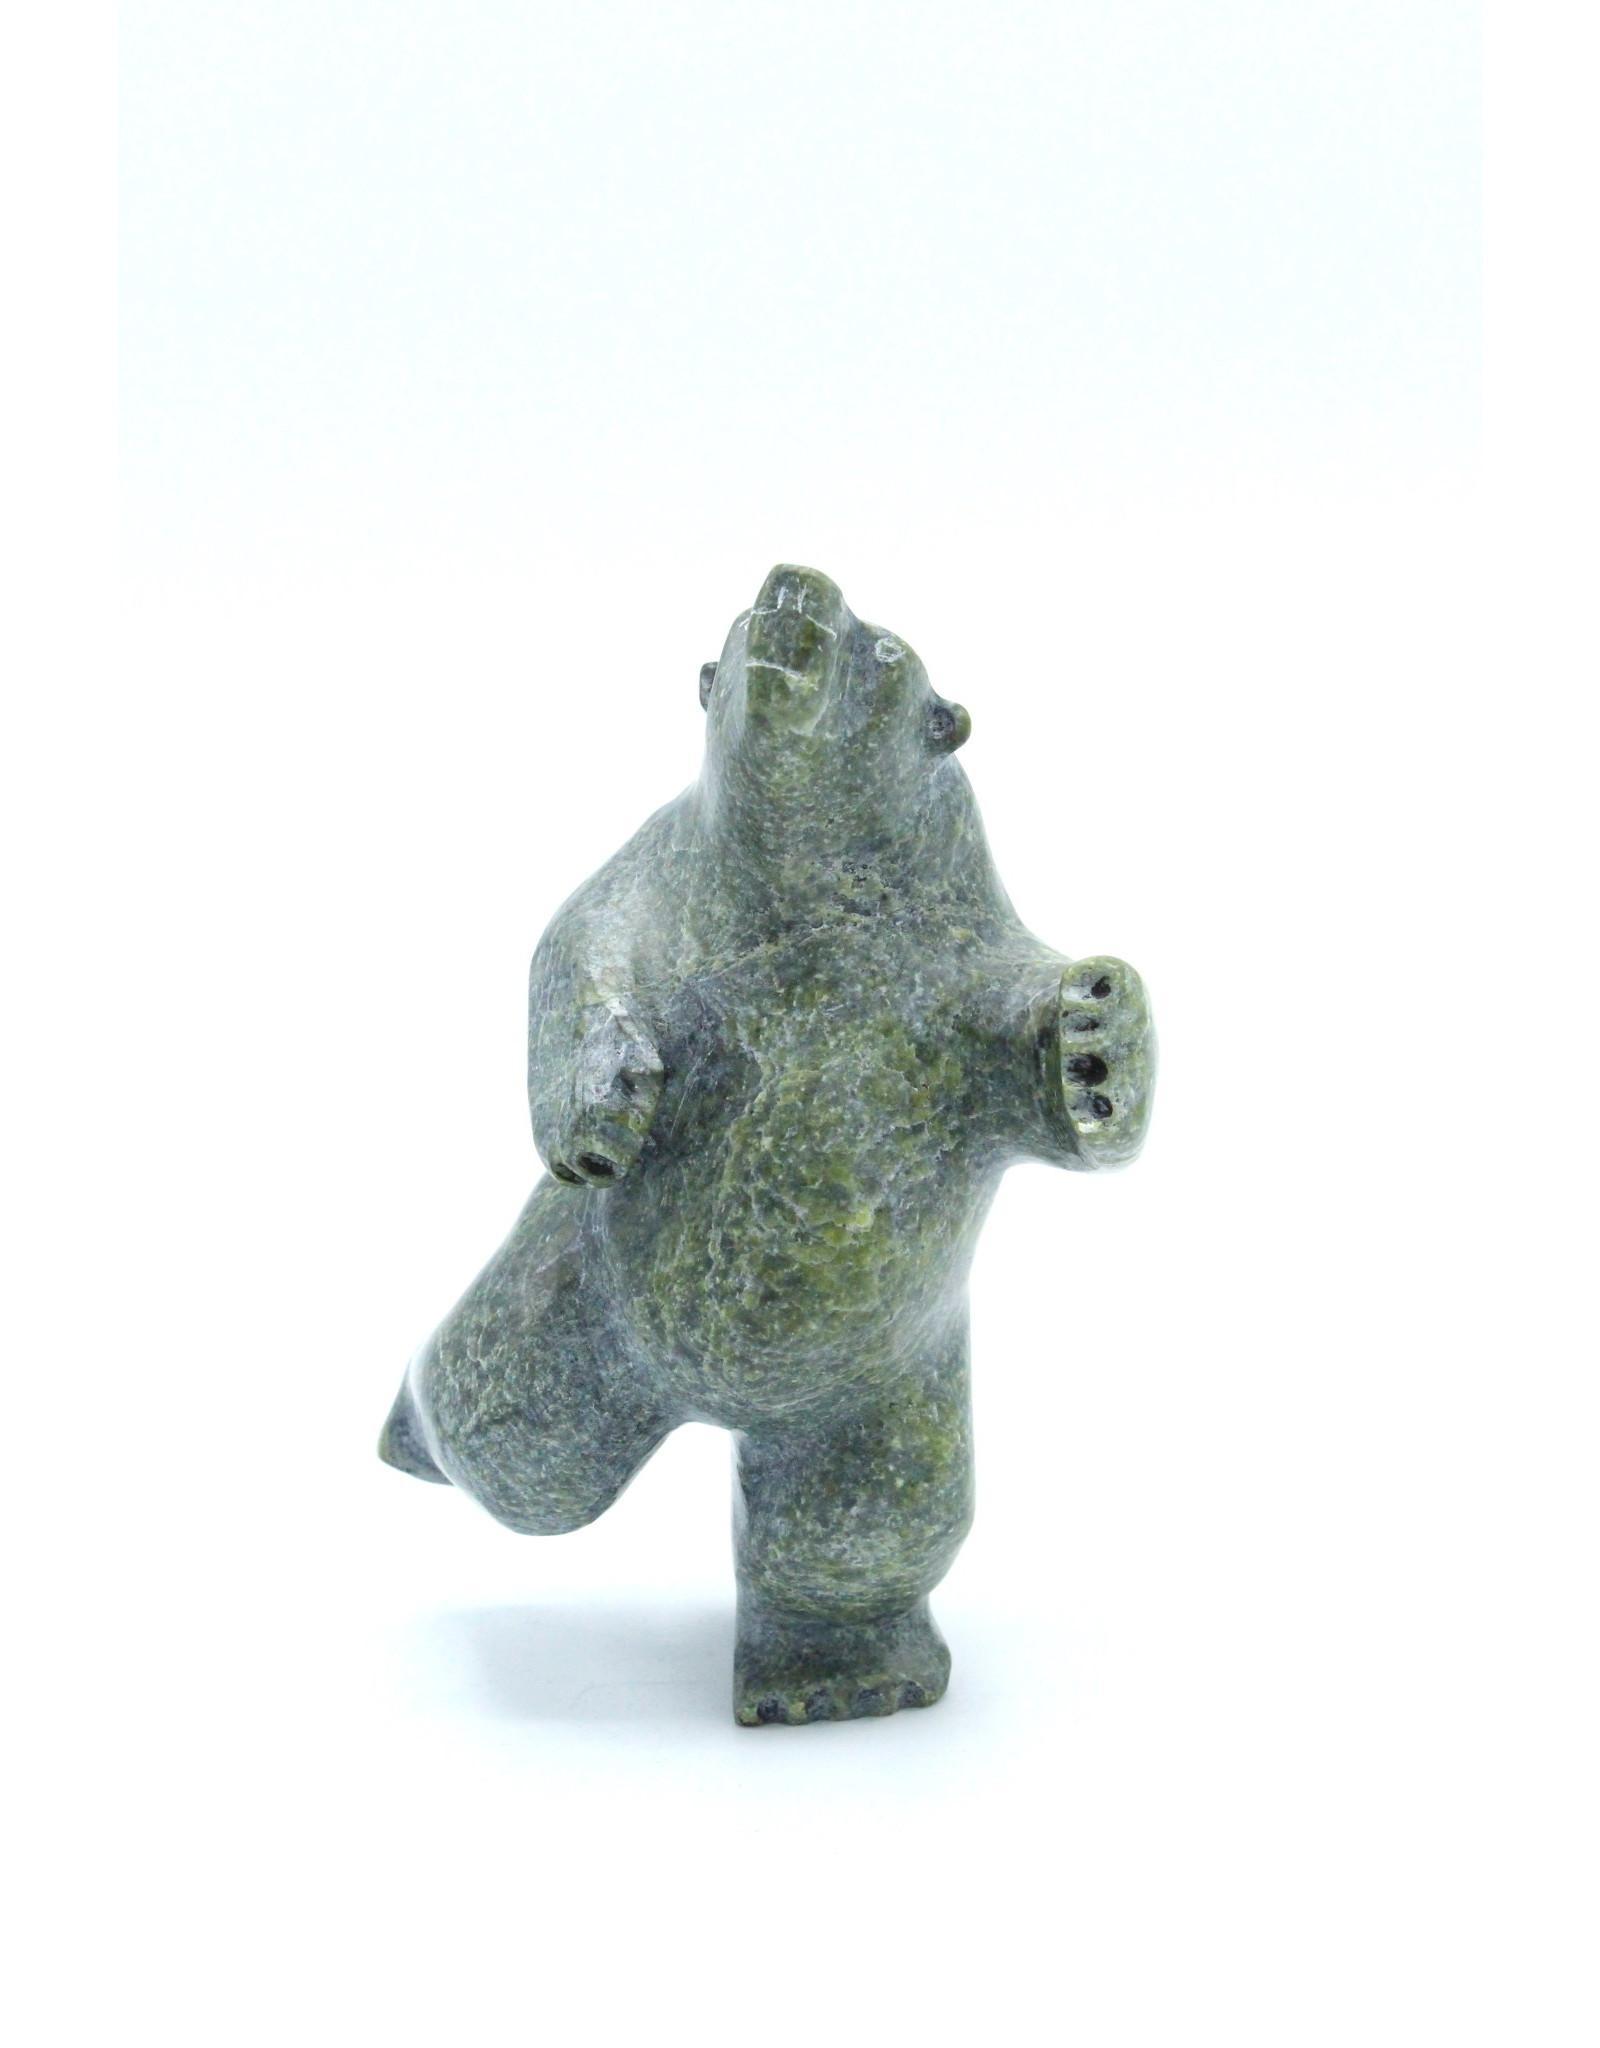 63364 Bear by Johnny Kilabuk